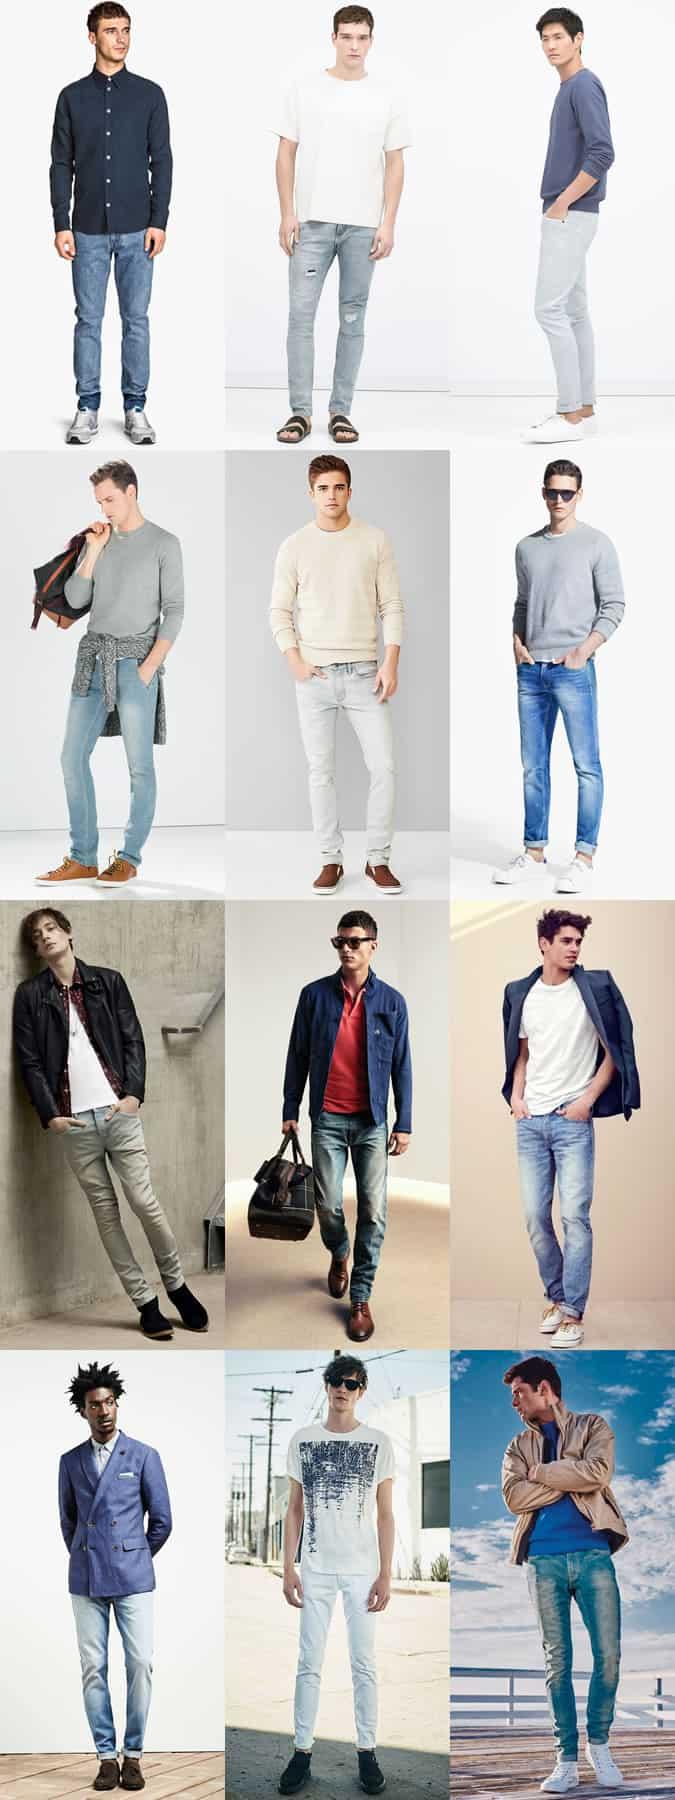 Lookbook Inspiration pour homme en jean délavé clair